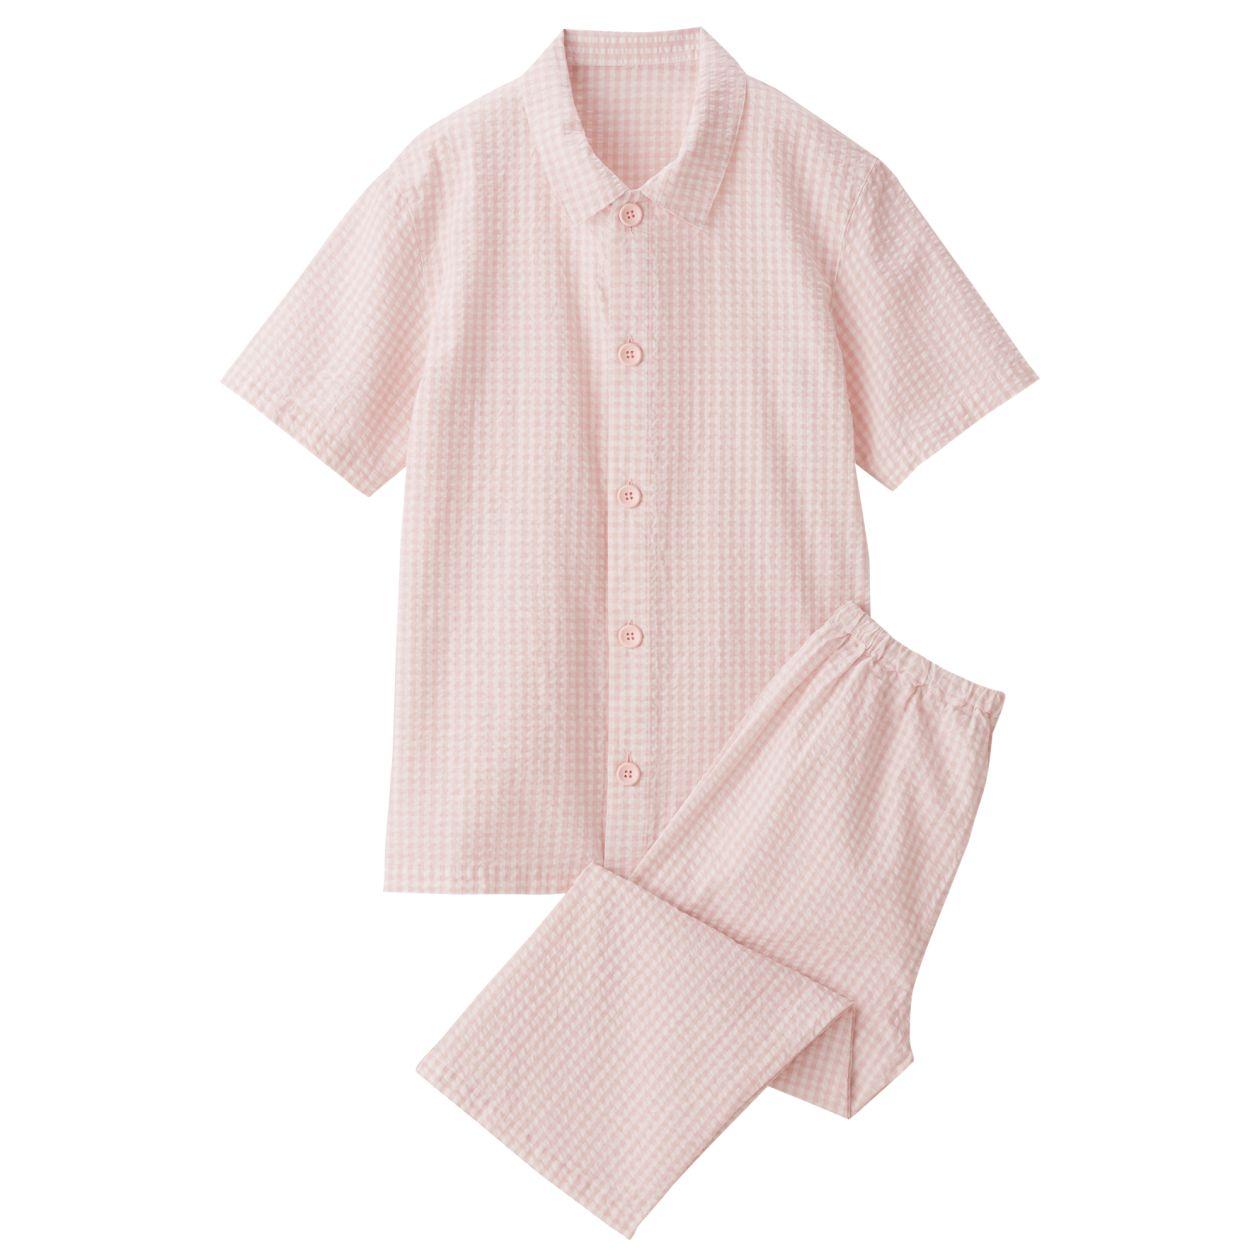 脇に縫い目のないサッカー半袖パジャマ(七分丈)・(キッズ)